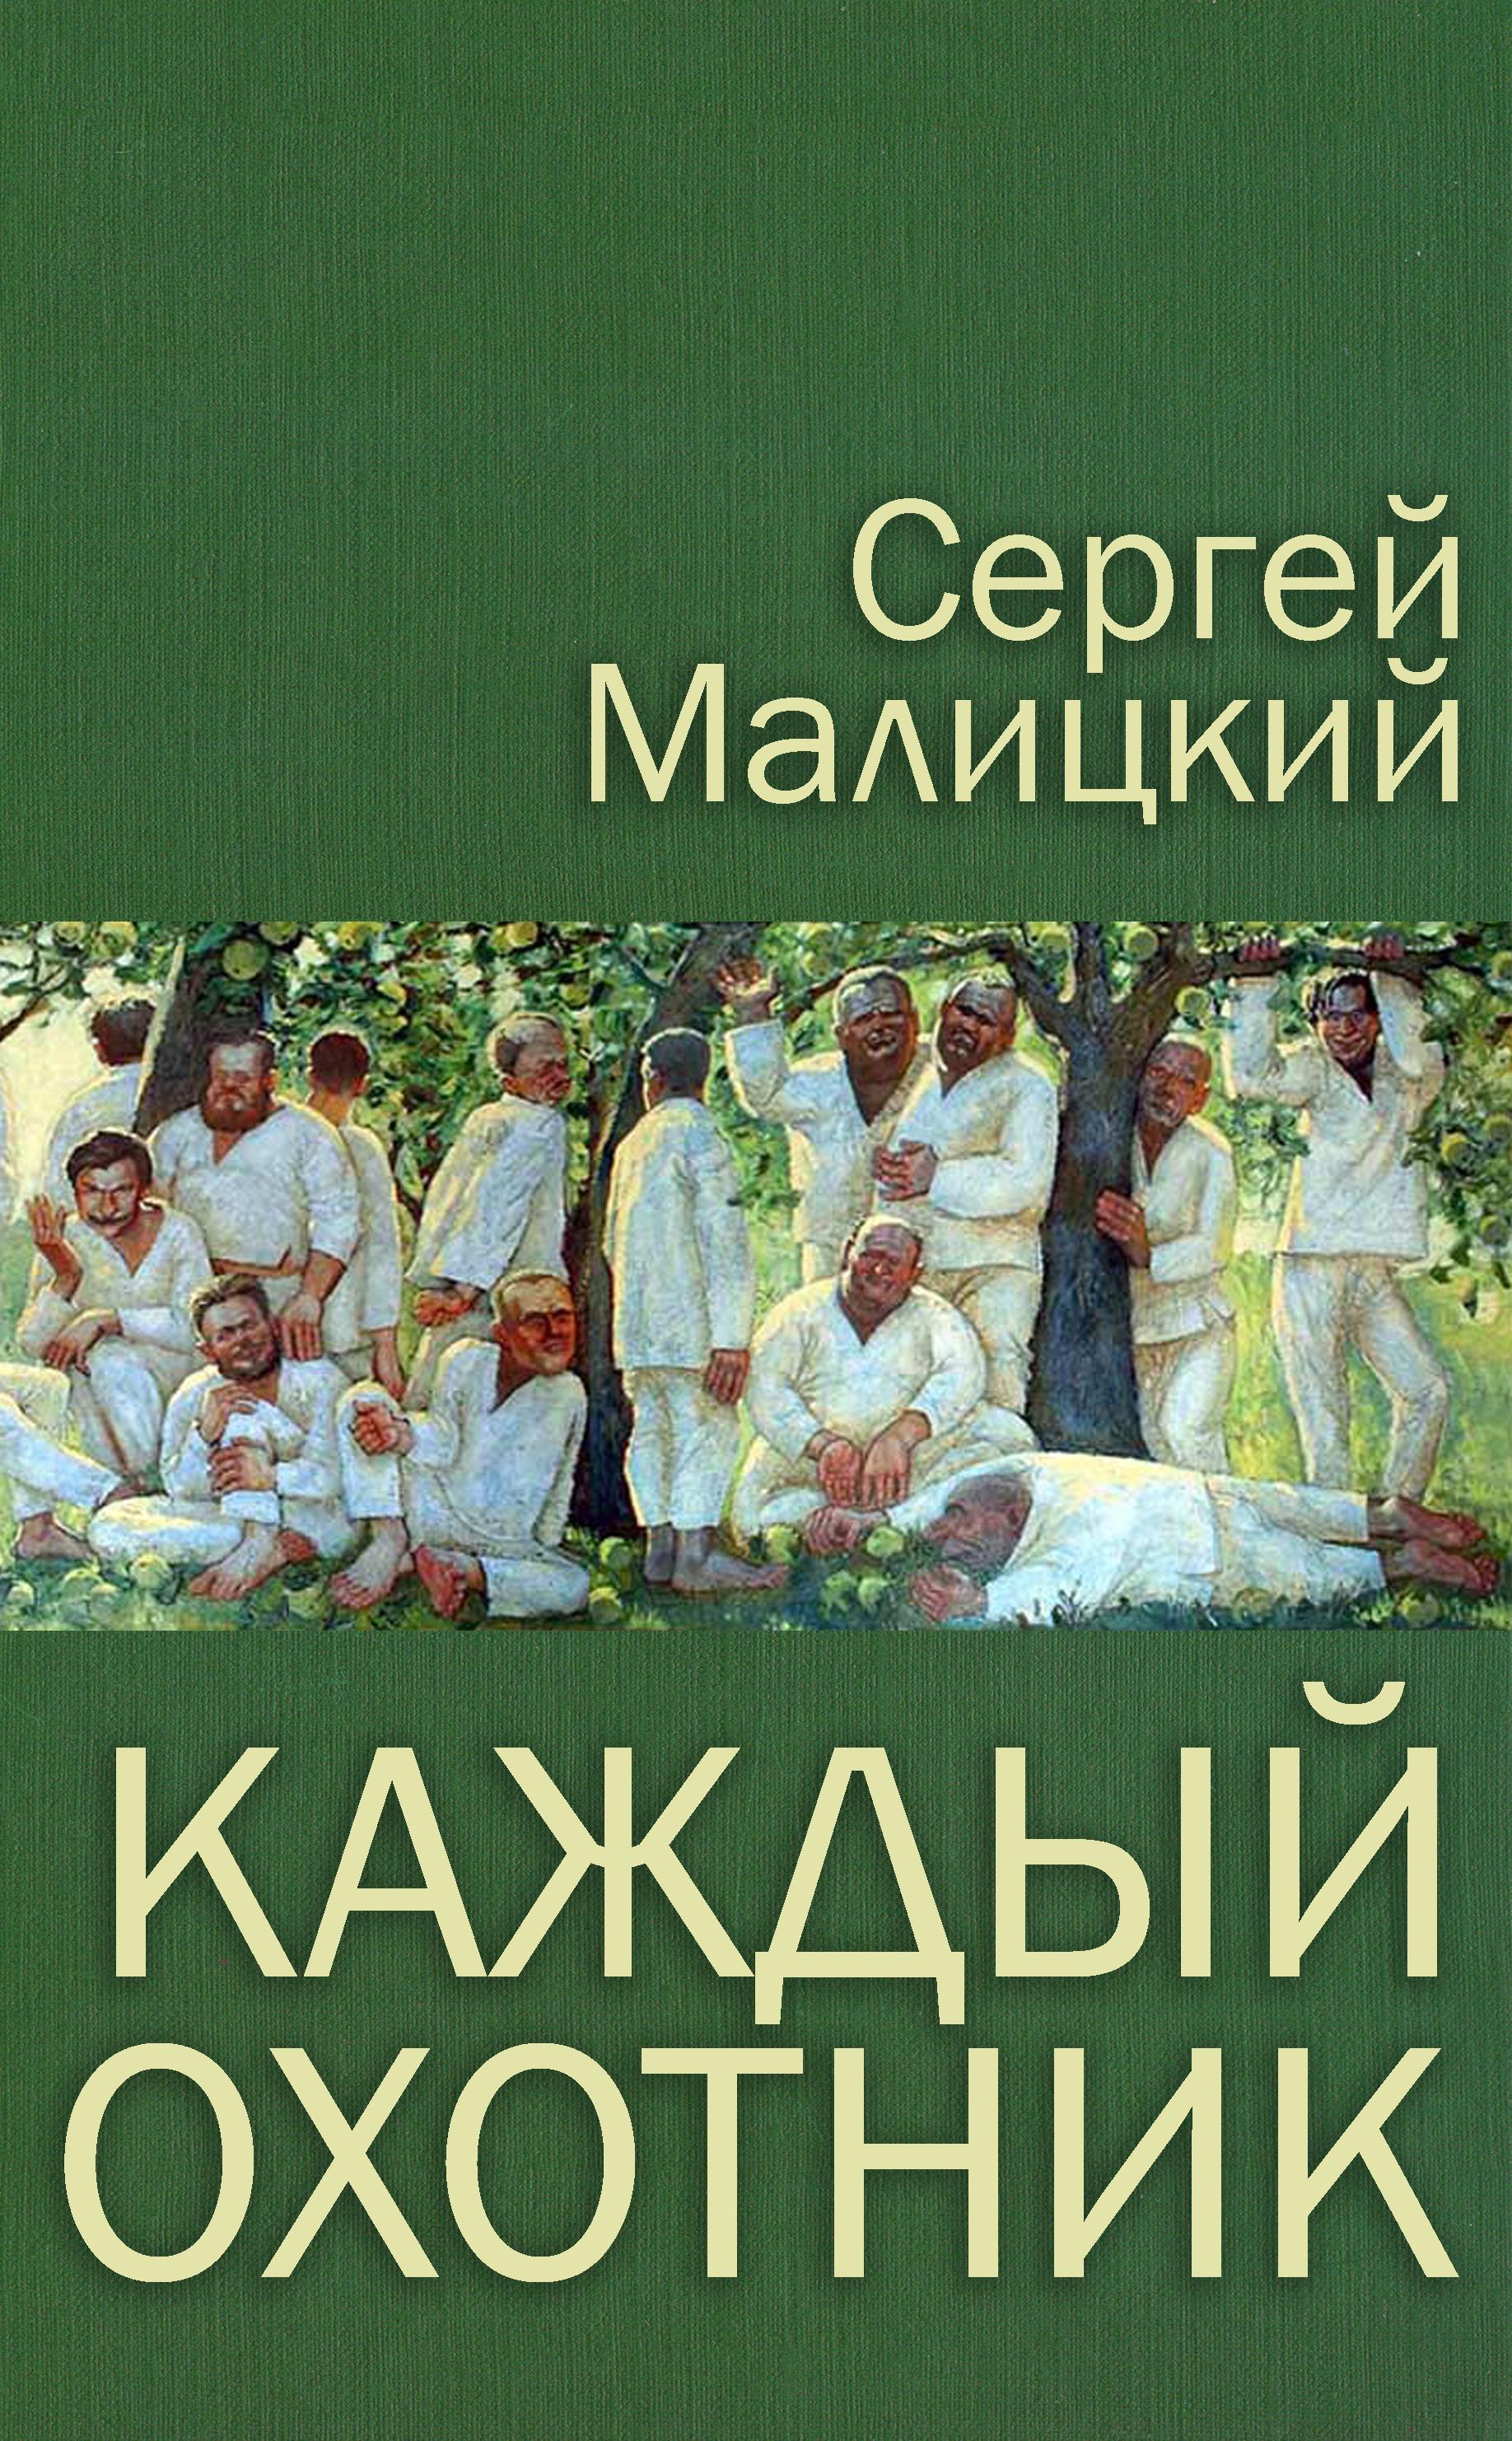 Сергей Малицкий Каждый охотник (сборник) сергей малицкий каждый охотник сборник